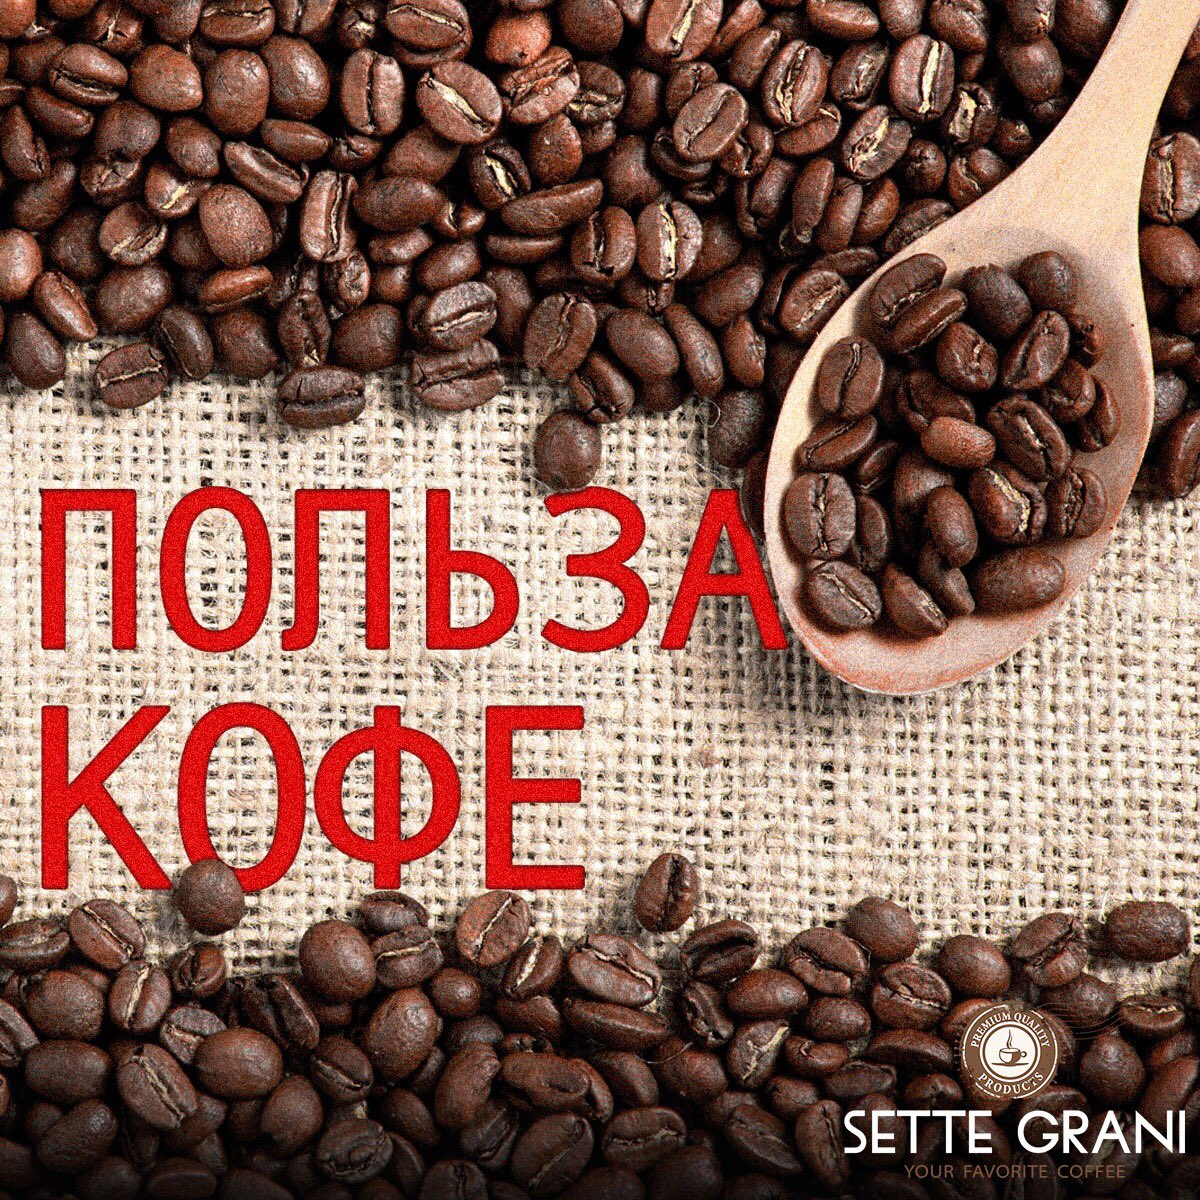 Кофе при всд: польза и вред, влияние, как пить